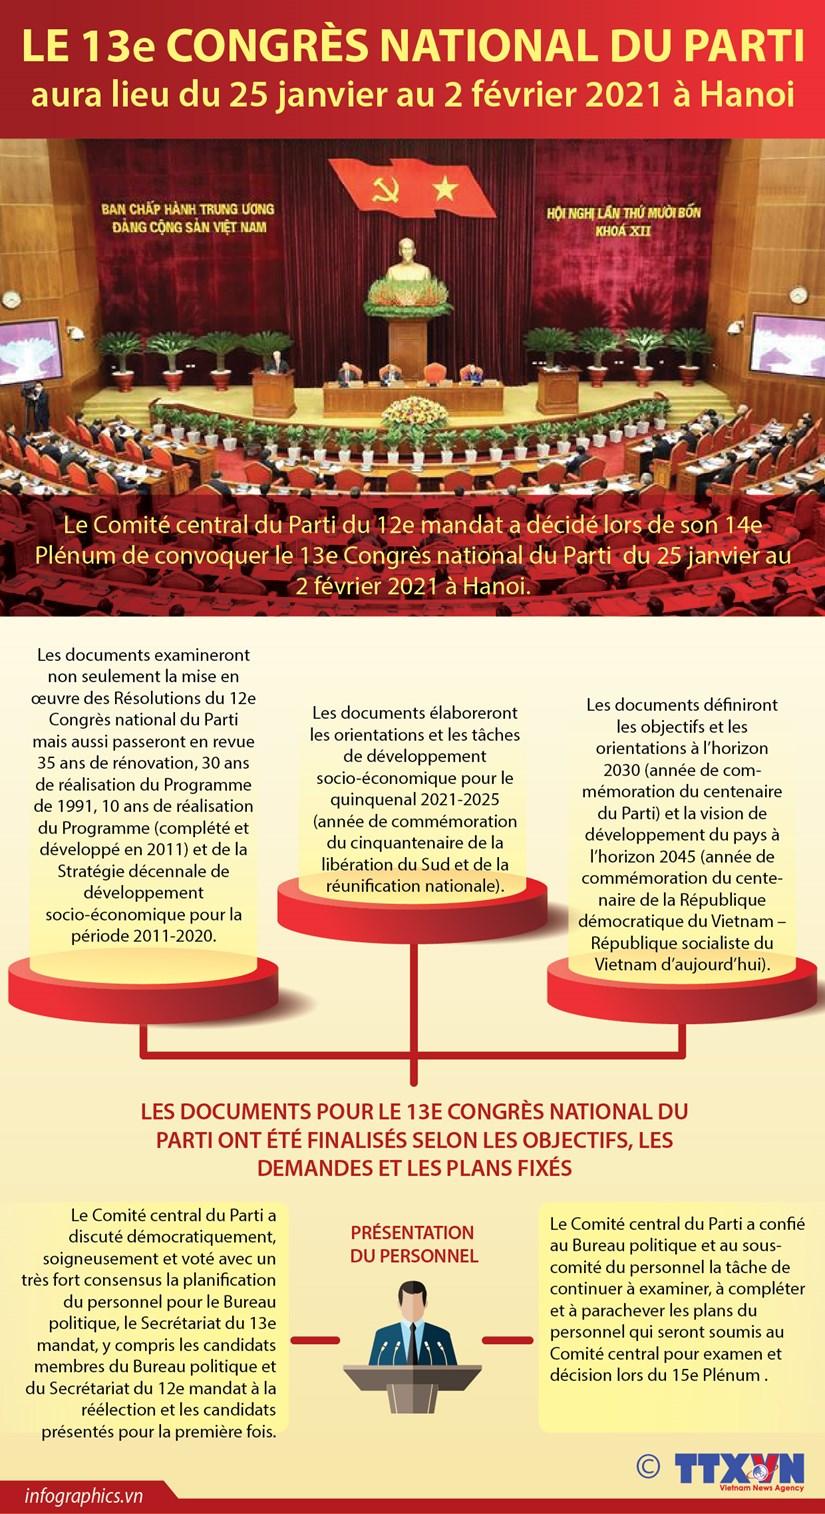 Le 13e Congres national du Parti aura lieu du 25 janvier au 2 fevrier 2021 a Hanoi hinh anh 1